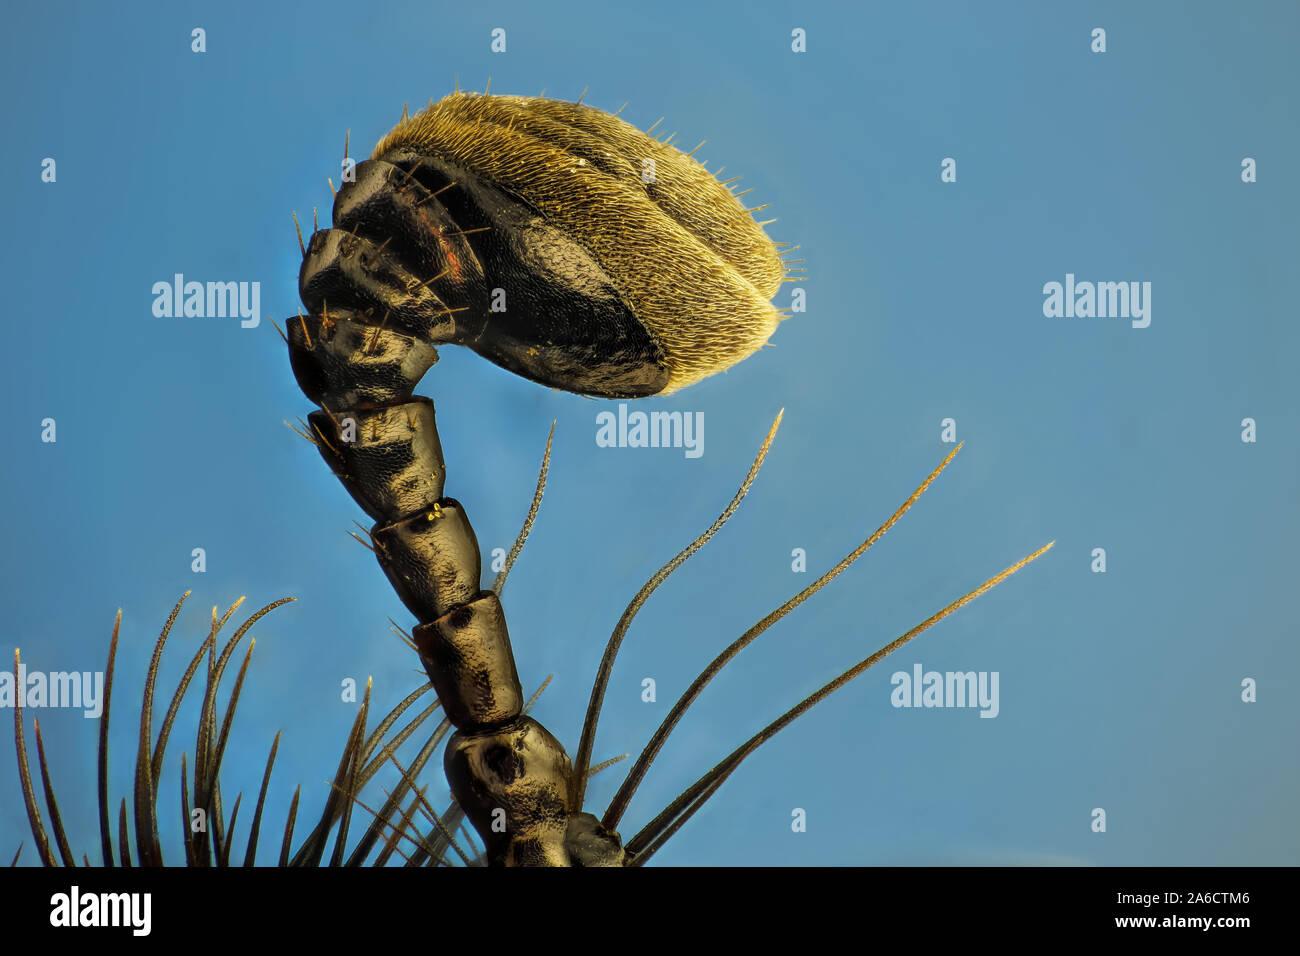 Anoplotrupes stercorosus, die mistkäfer, ist eine Pflanzenart aus der Gattung der Erde - langweilig Mistkäfer. Skogstordyvel Stockfoto